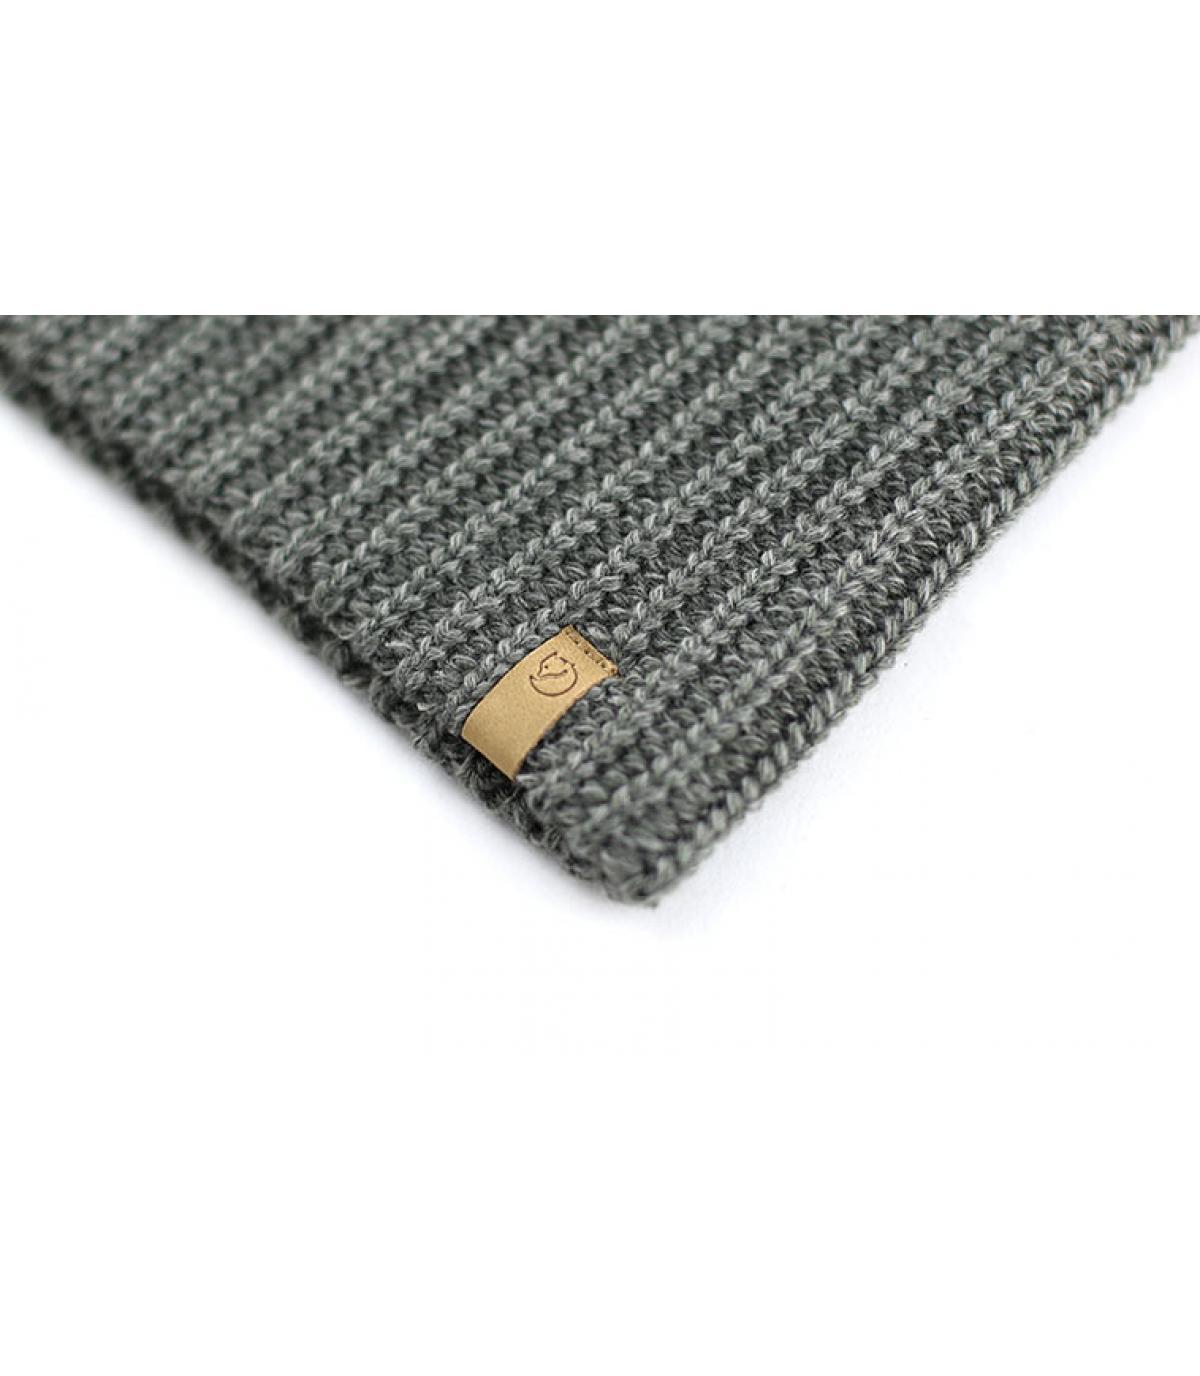 kolejna szansa sprzedaż obuwia przybywa Ovik mountain grey